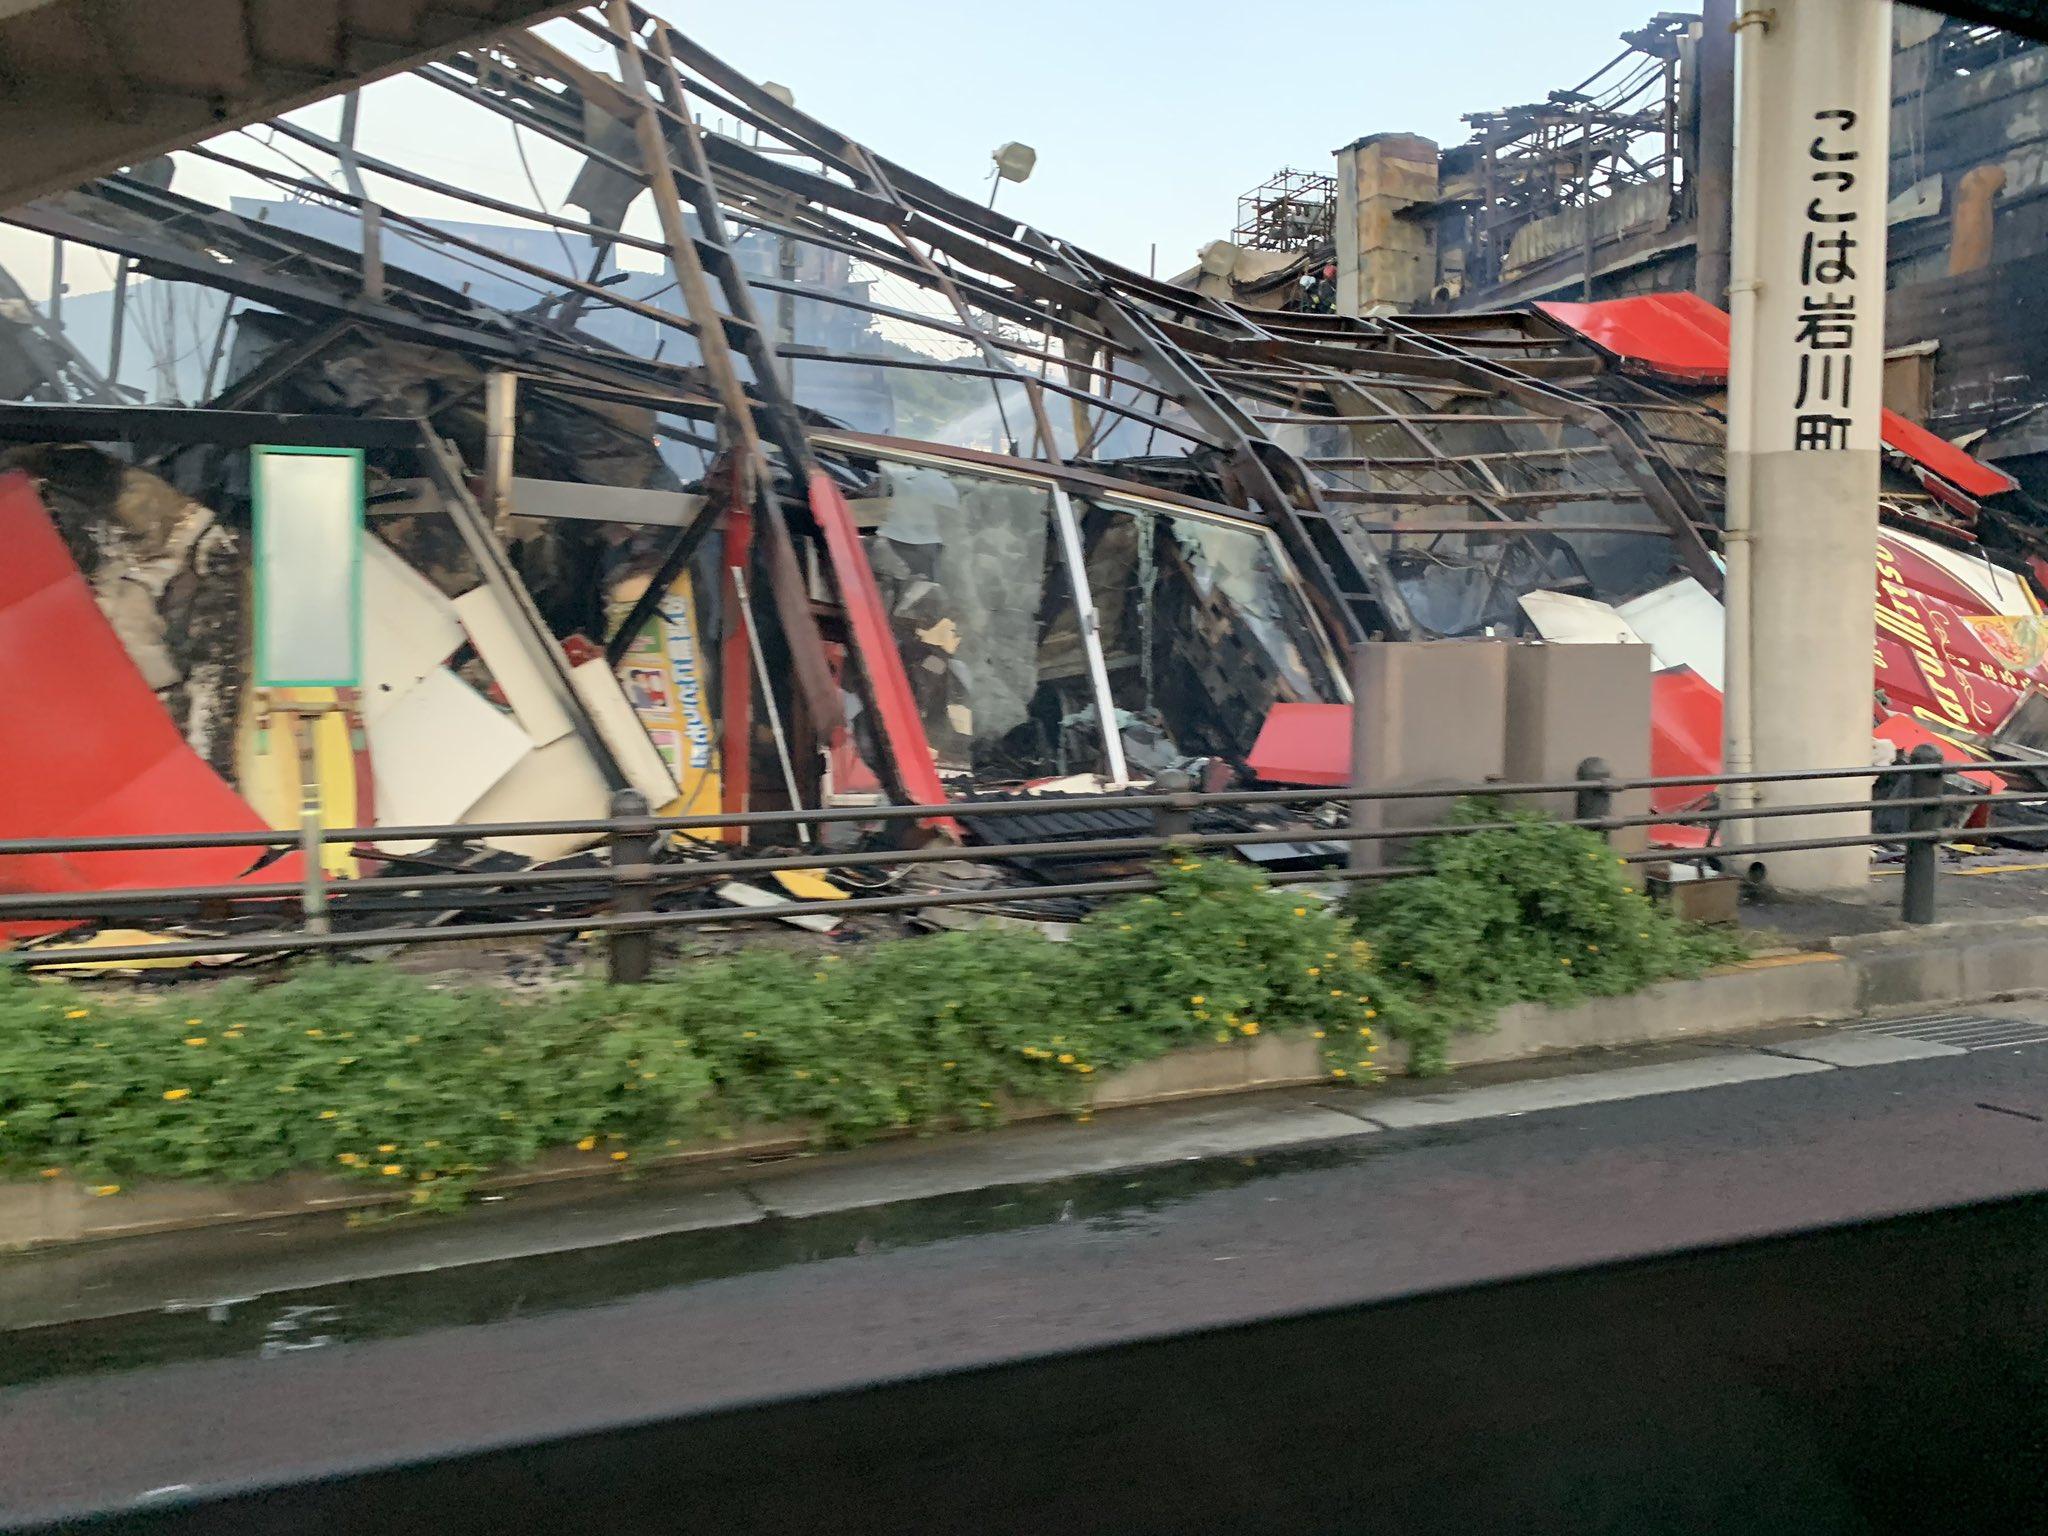 画像,長崎市の昼の火事かなりひどかーたみたいやねまだ消化活動しよる https://t.co/Gu9EmJMk25。